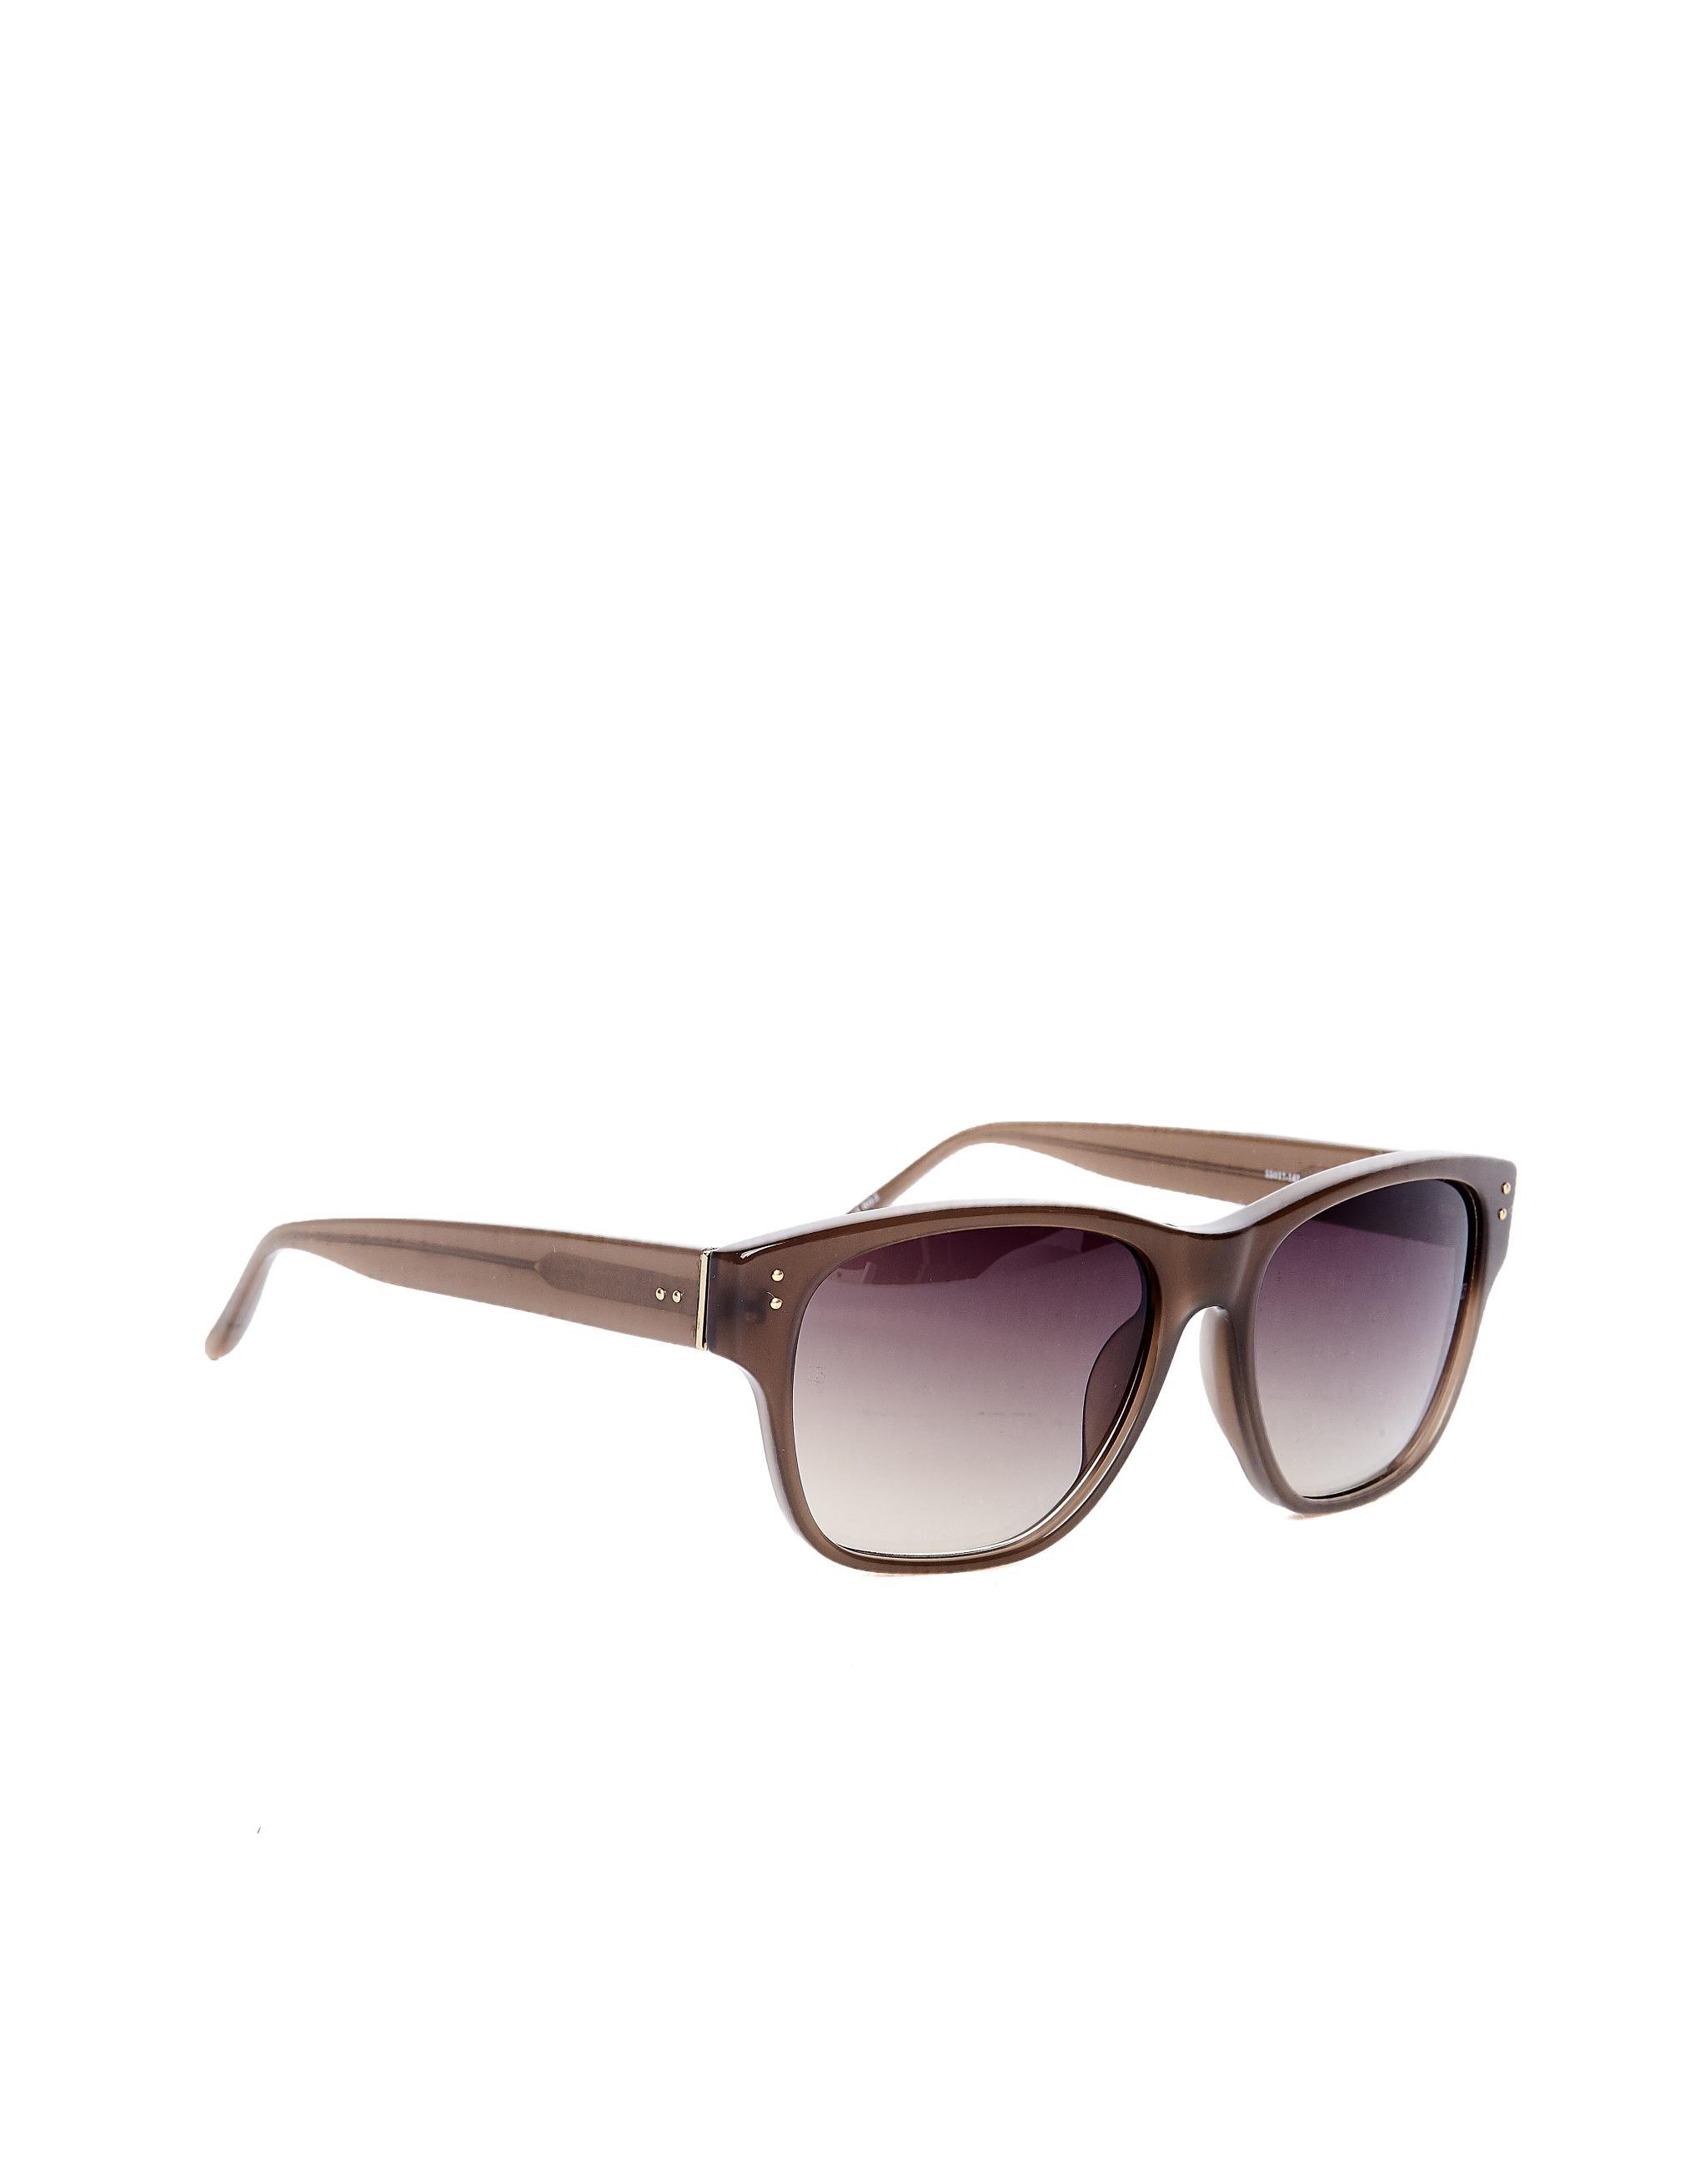 e80d9e2526 Linda Farrow Luxe Sunglasses in Brown - Lyst